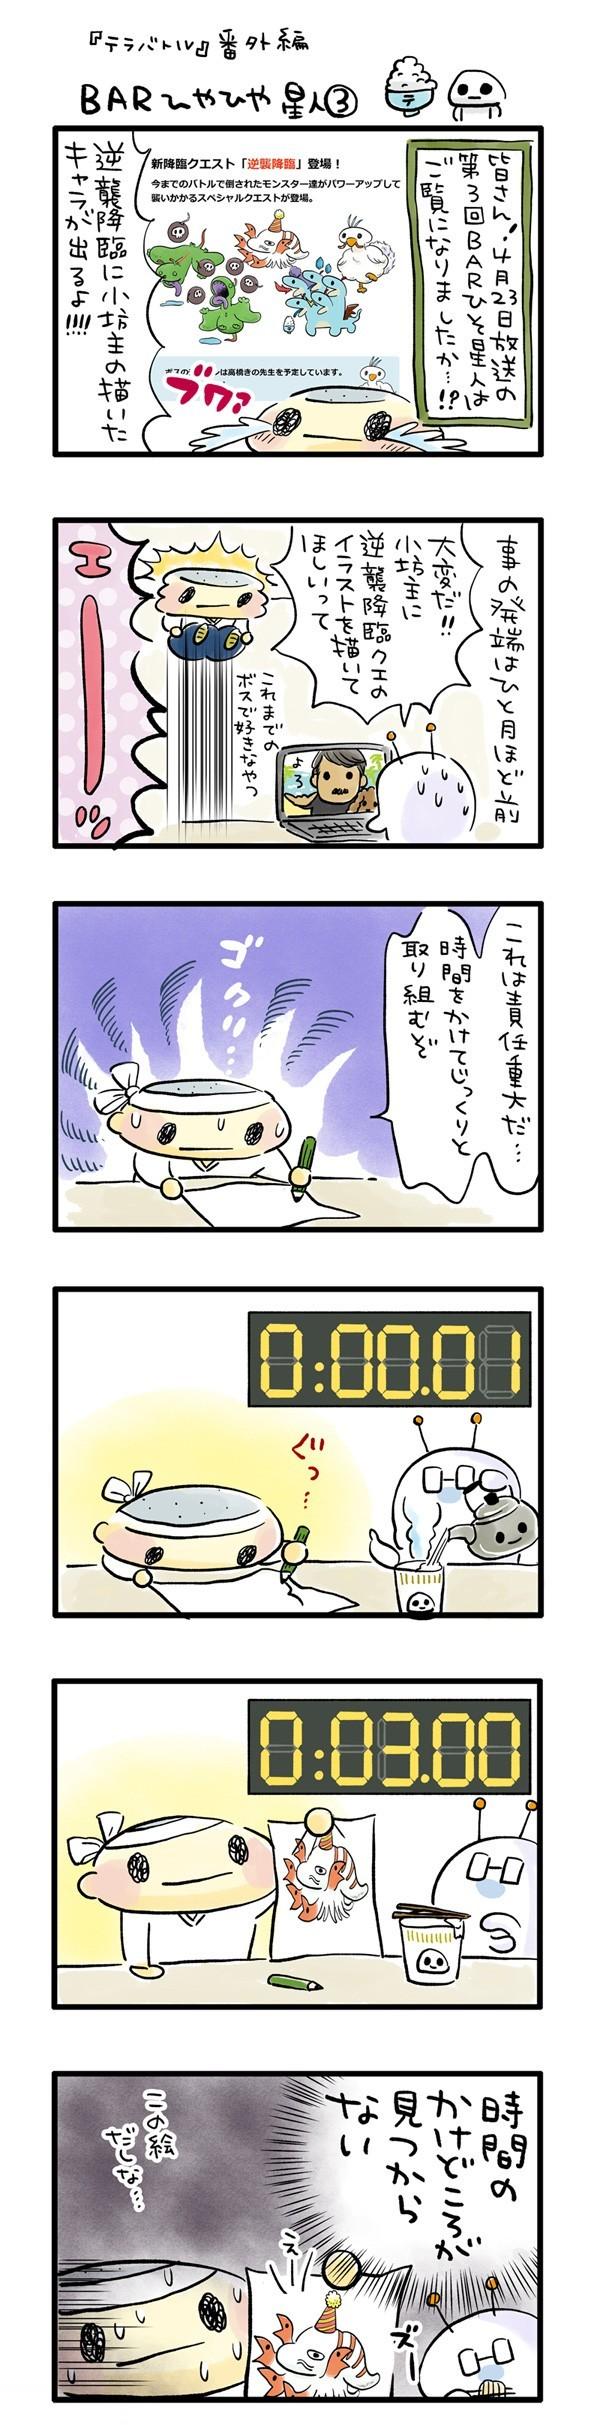 bar03_01